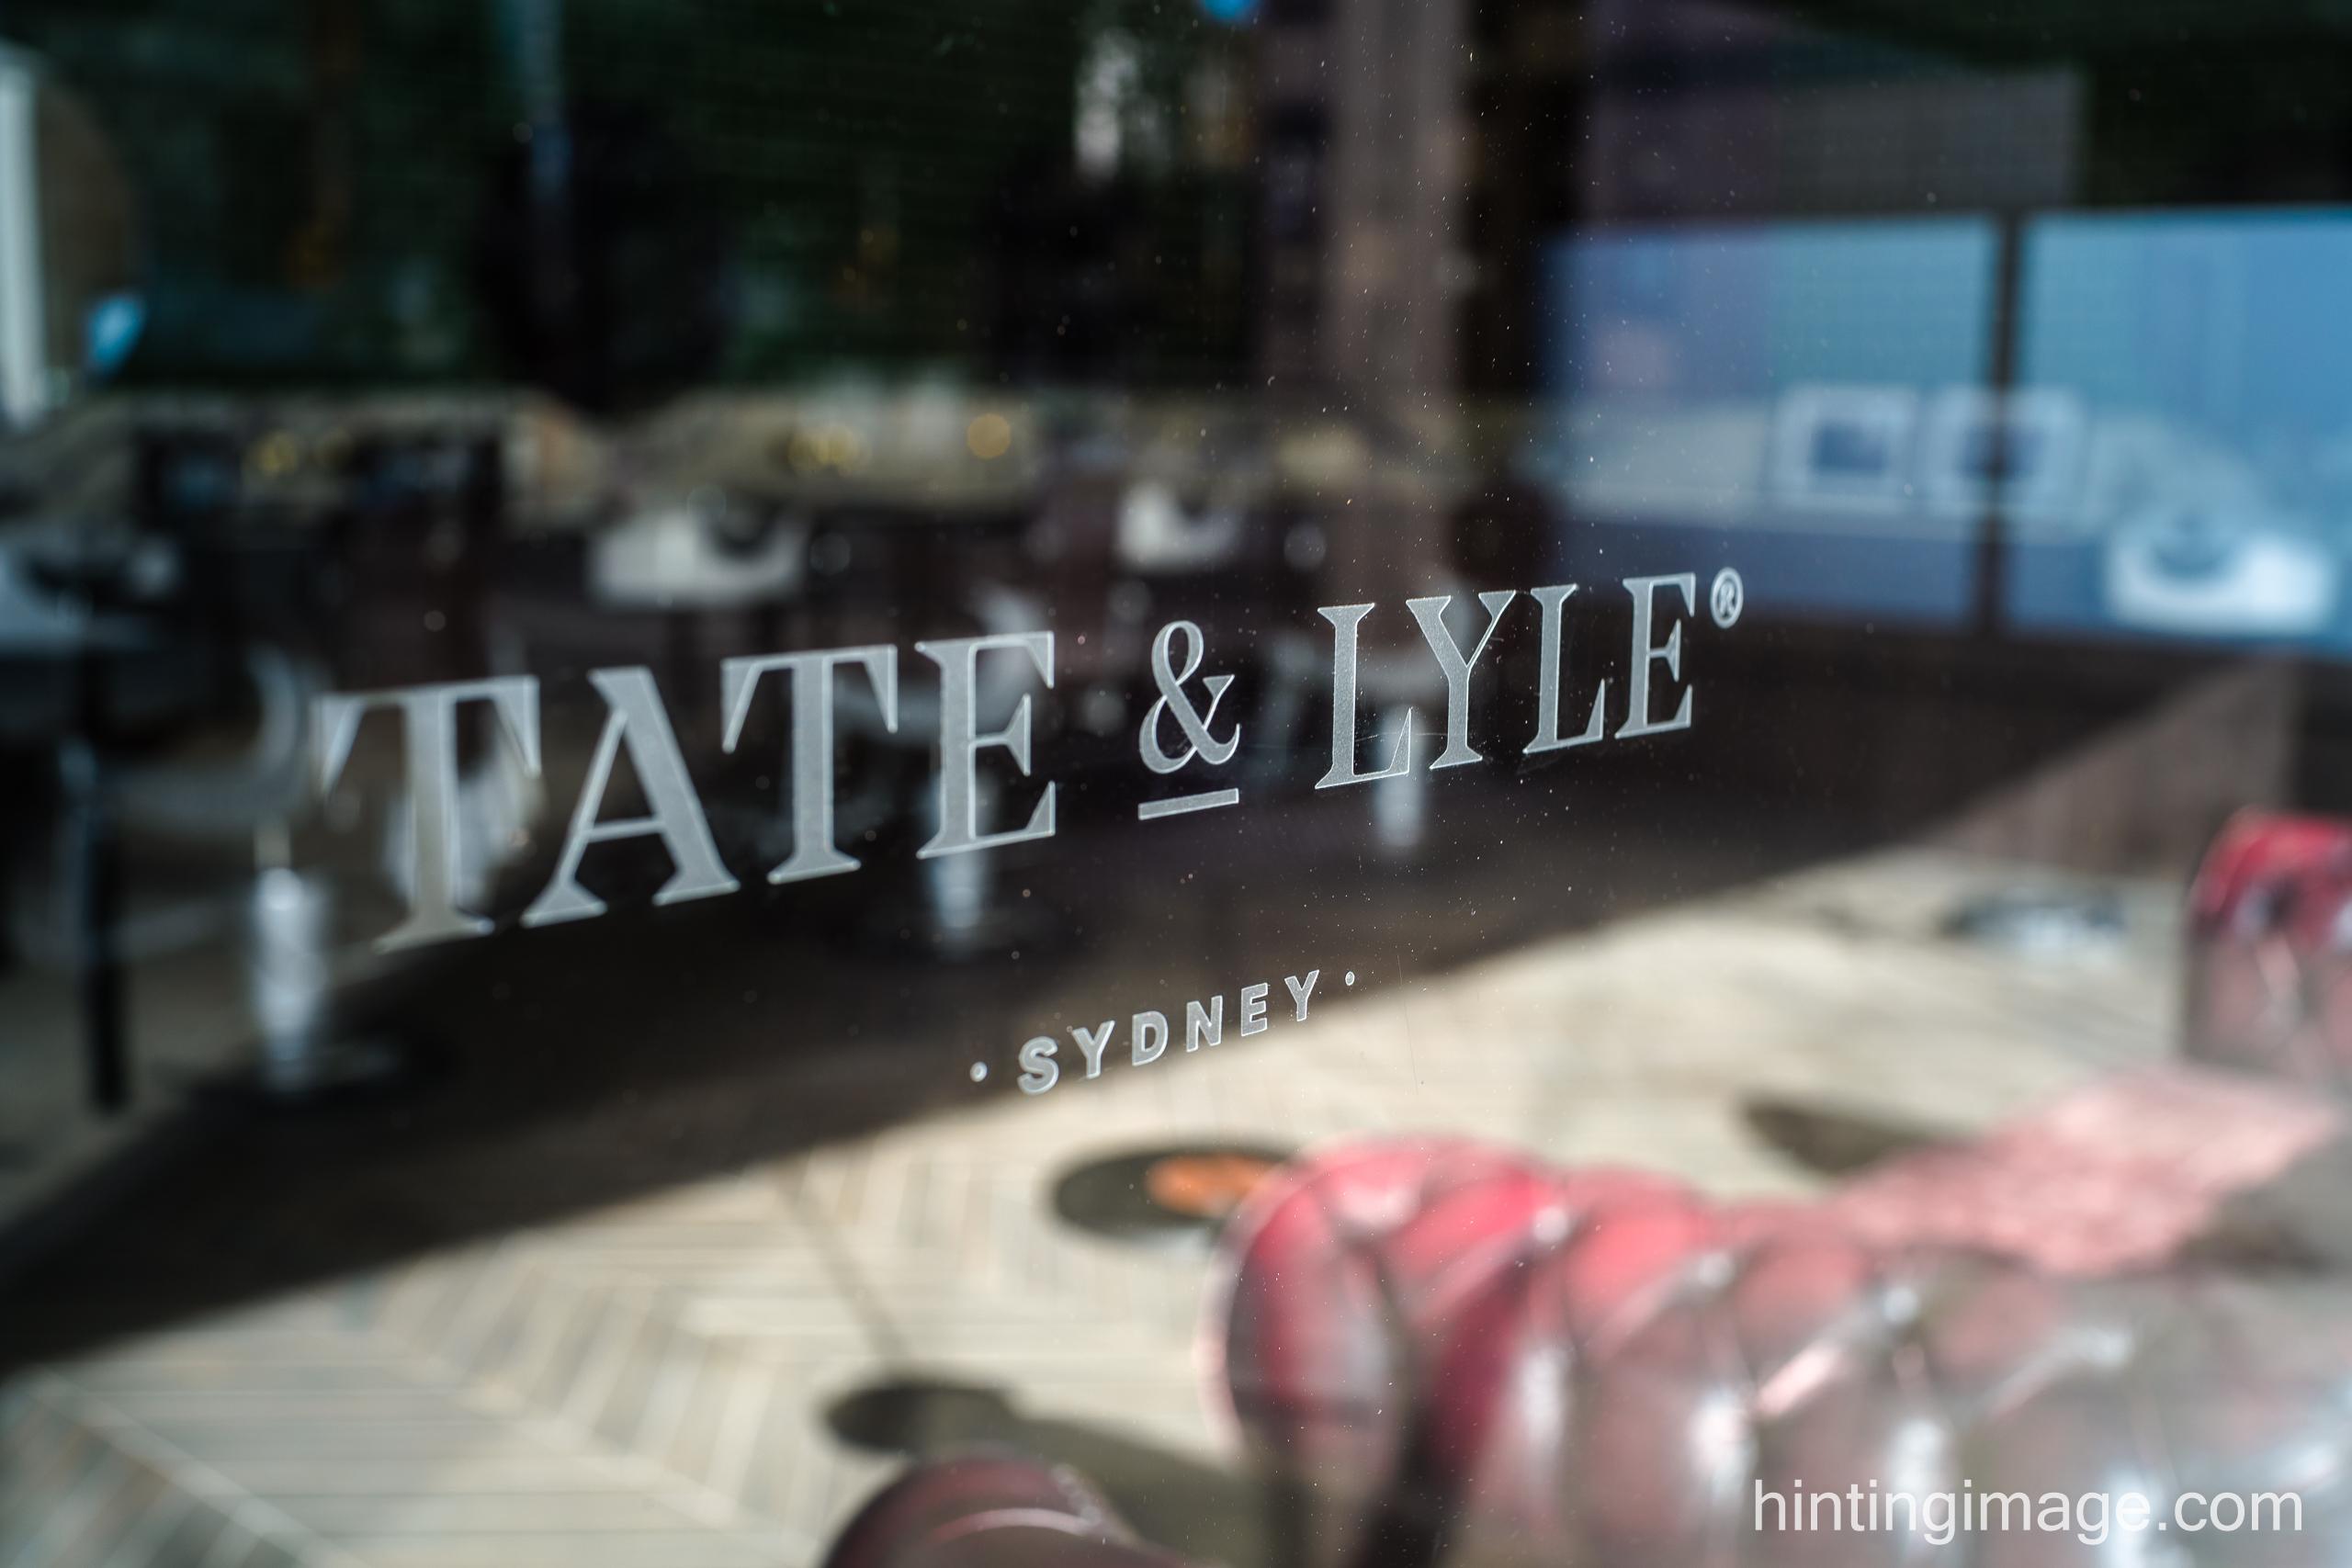 Fate & Lyle